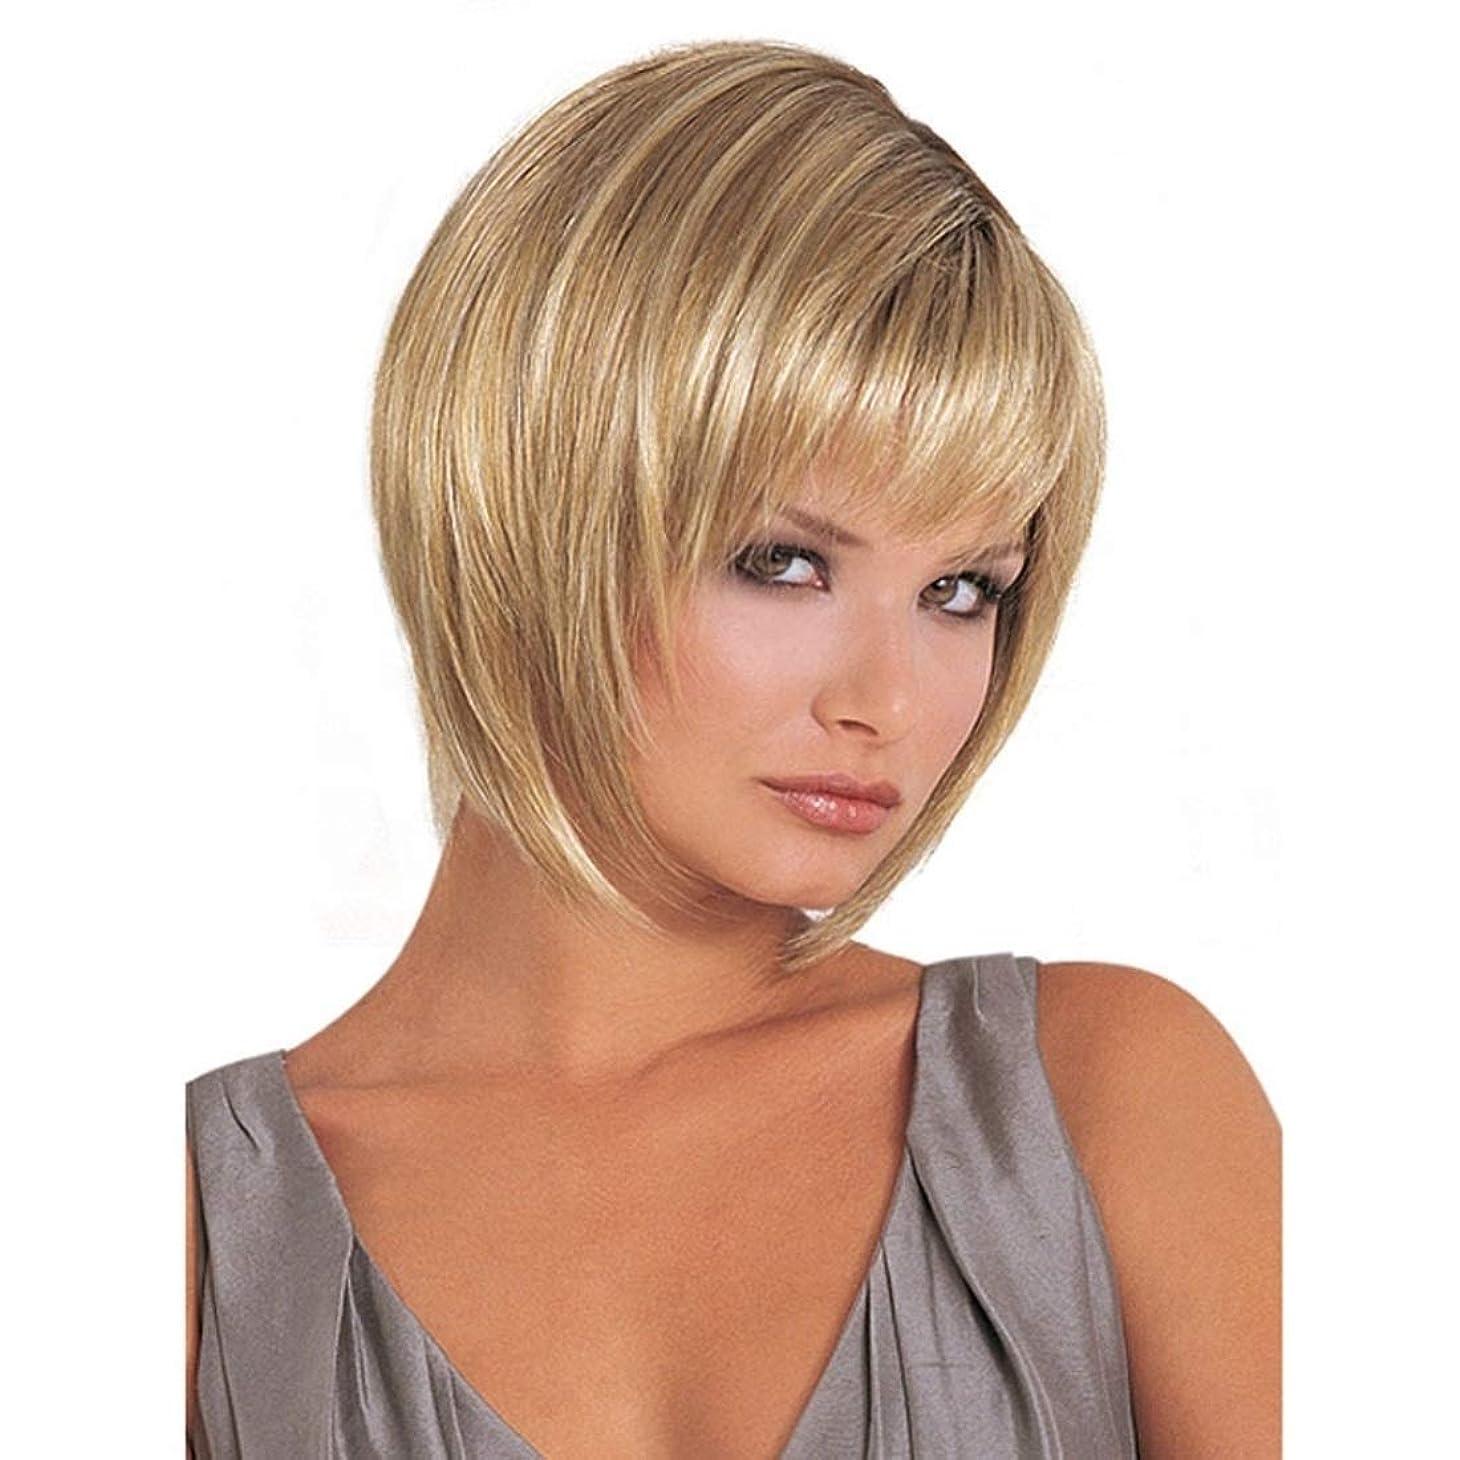 研究ユダヤ人金銭的なKerwinner ふわふわのマイクロボリューム現実的なかつら女性のための短いカーリーナチュラルカラーゴールドかつら白髪用かつら20cm / 25cm